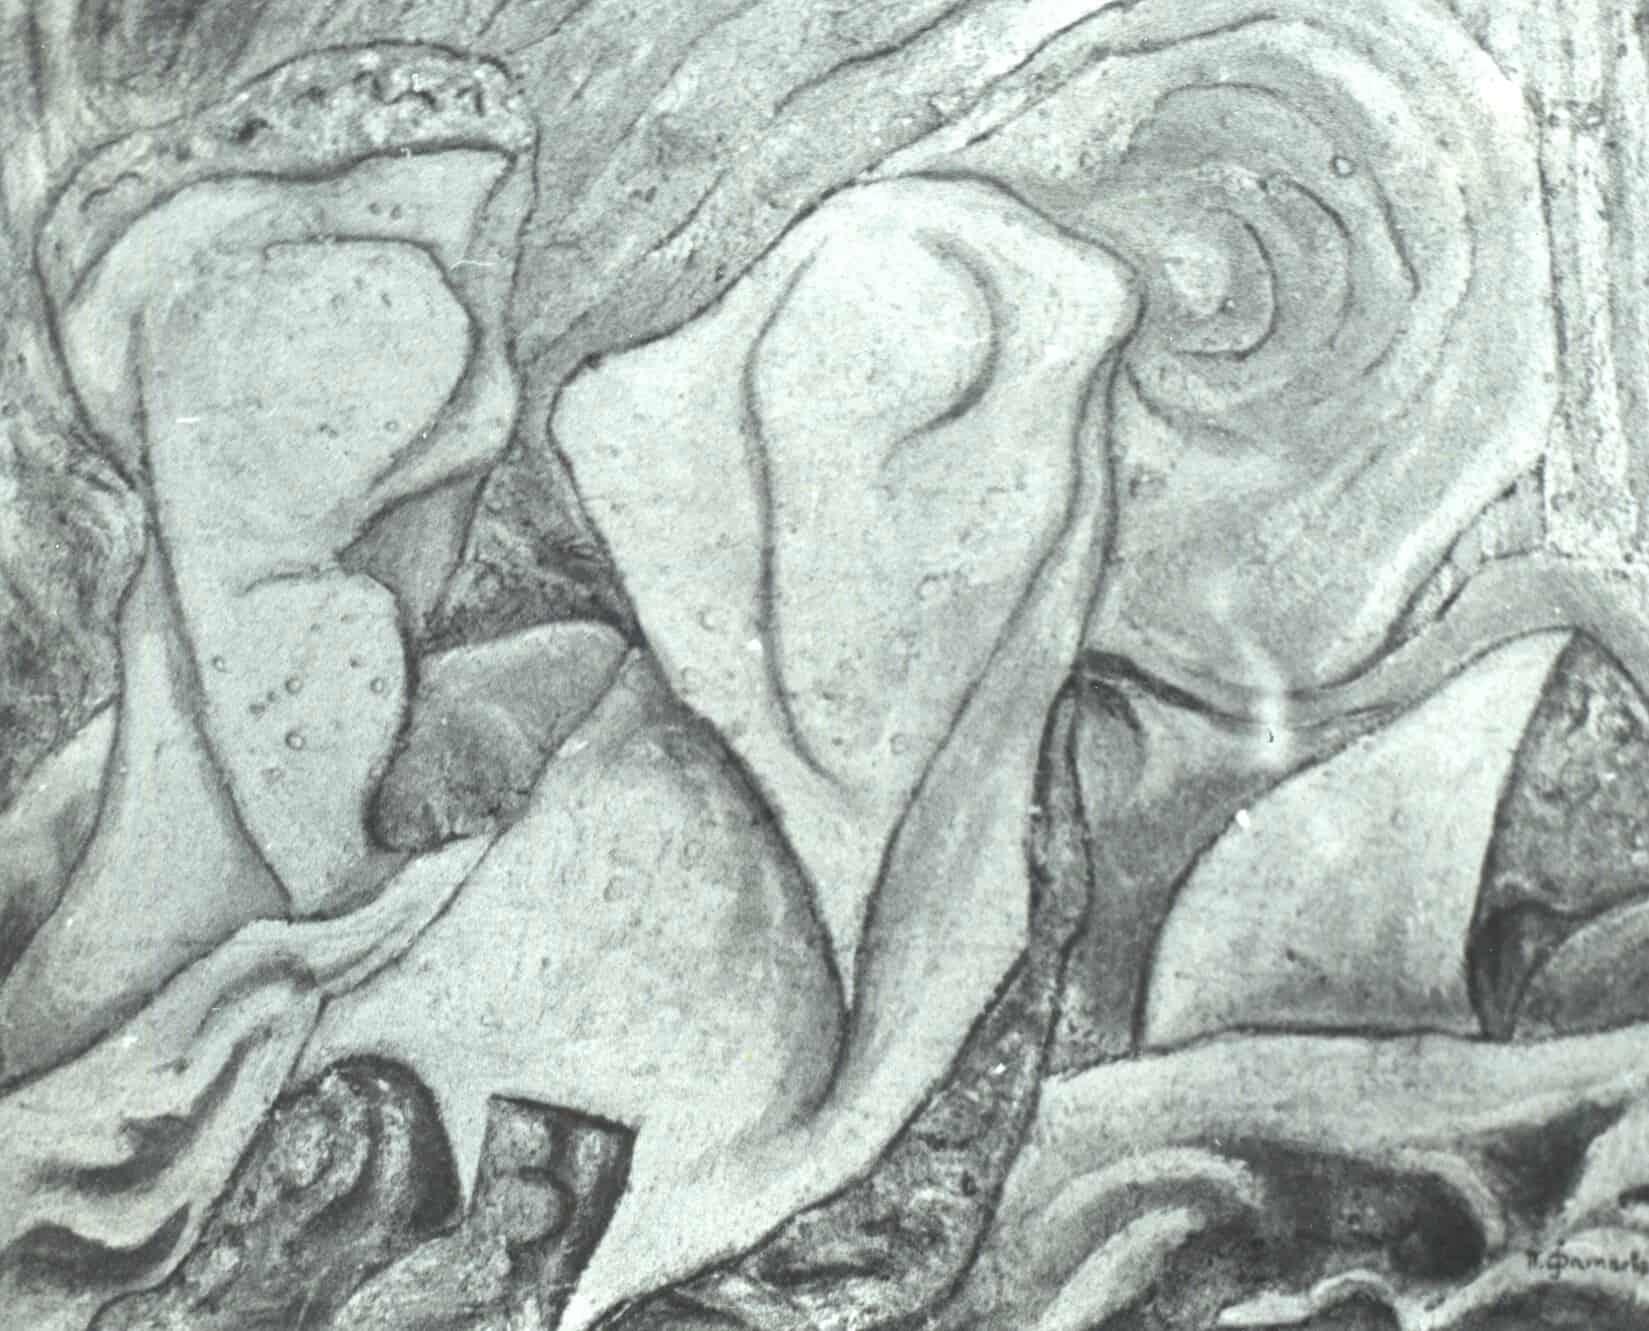 """П.П. Фатеев. Композиция. Из цикла """"Опыт построения нового мира по ассоциации со старым"""". 1917 год"""